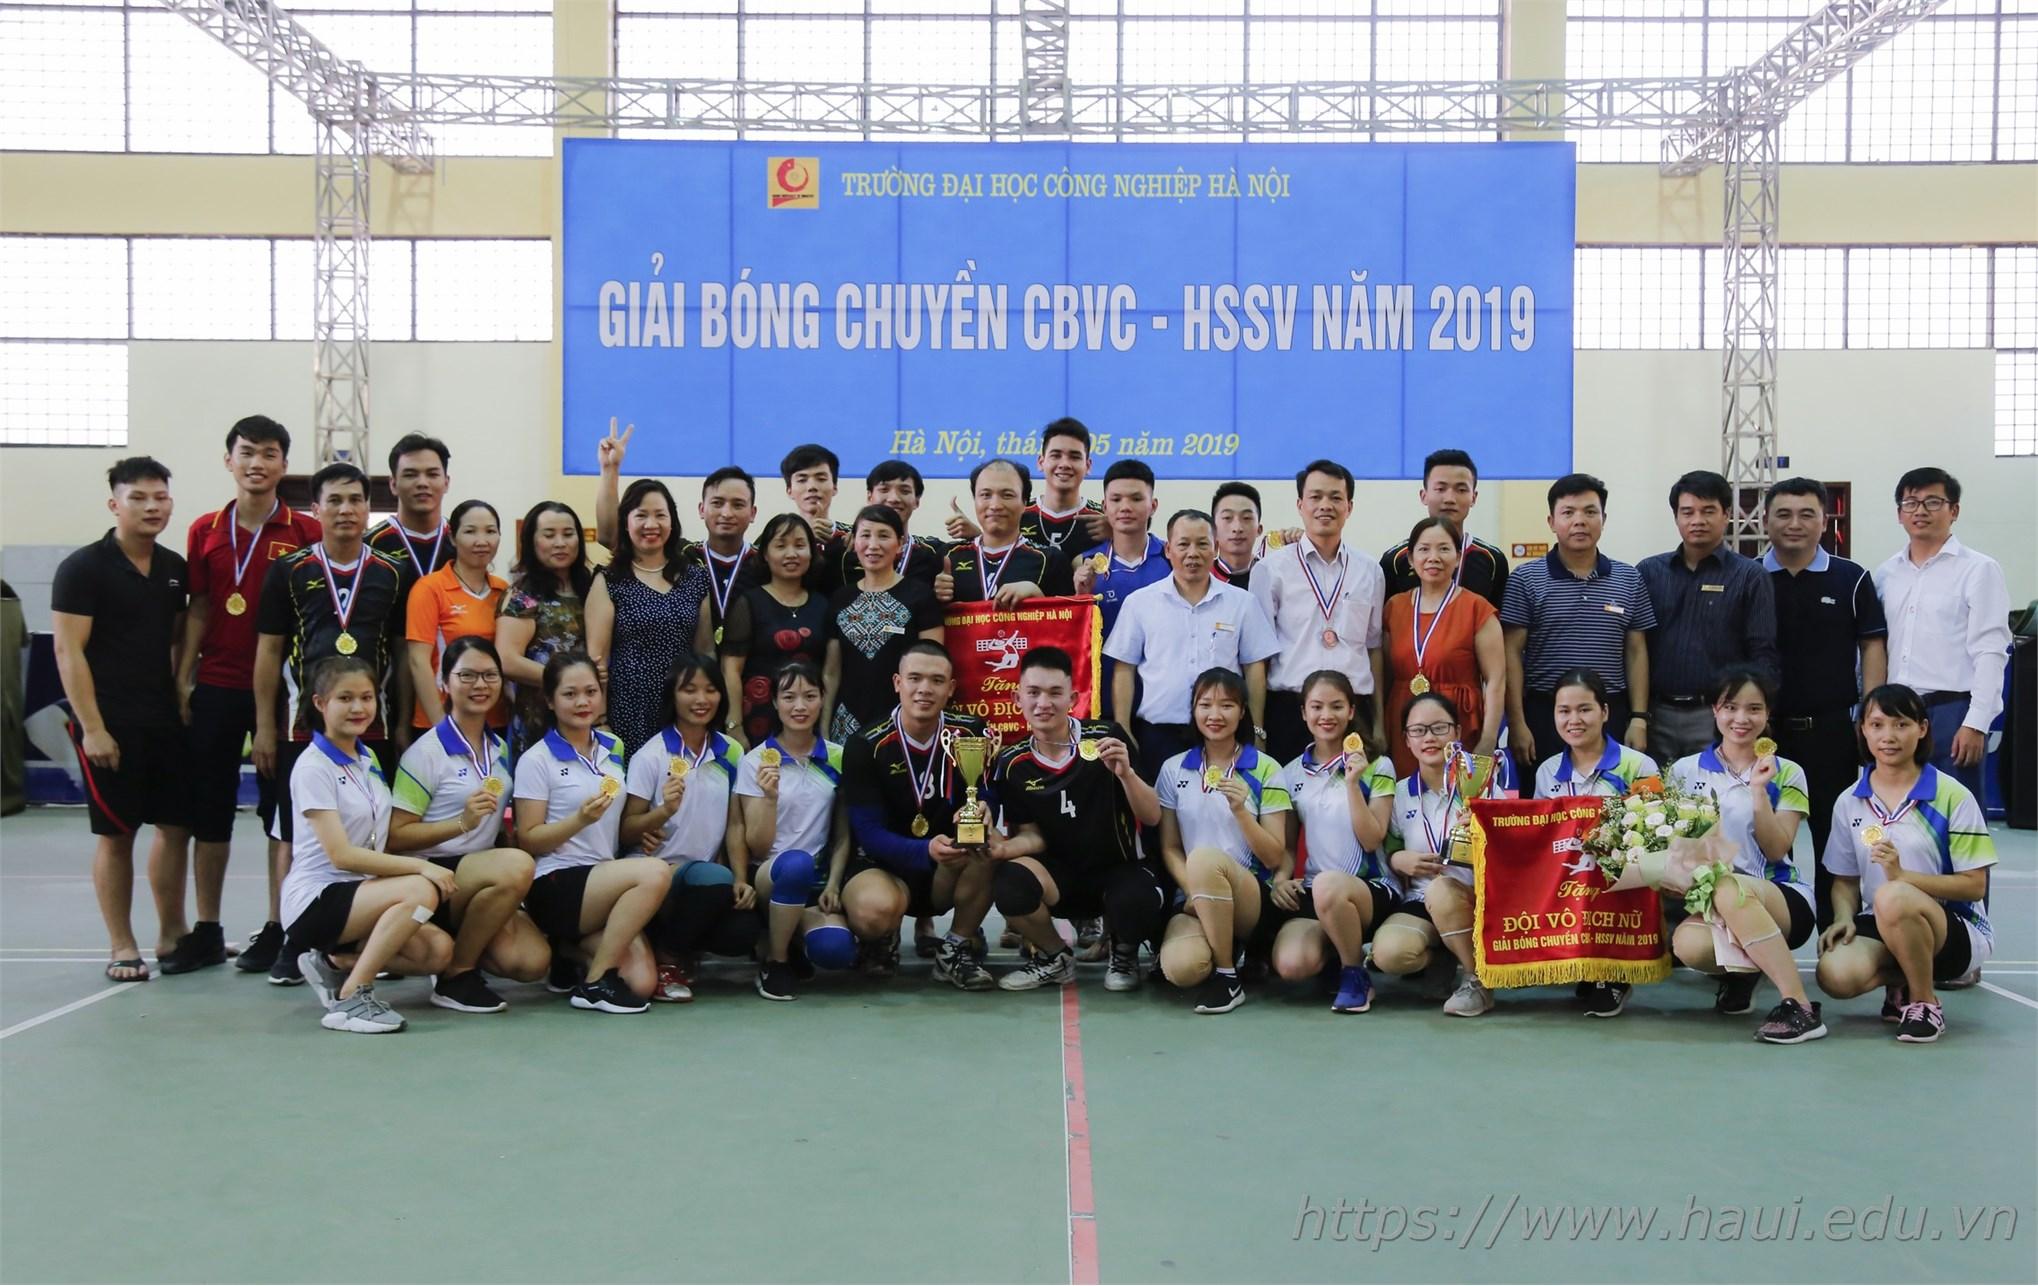 Liên quân bóng chuyền nam Khoa Điện tử Vô địch mùa giải bóng chuyền CBGV-HSSV năm 2019